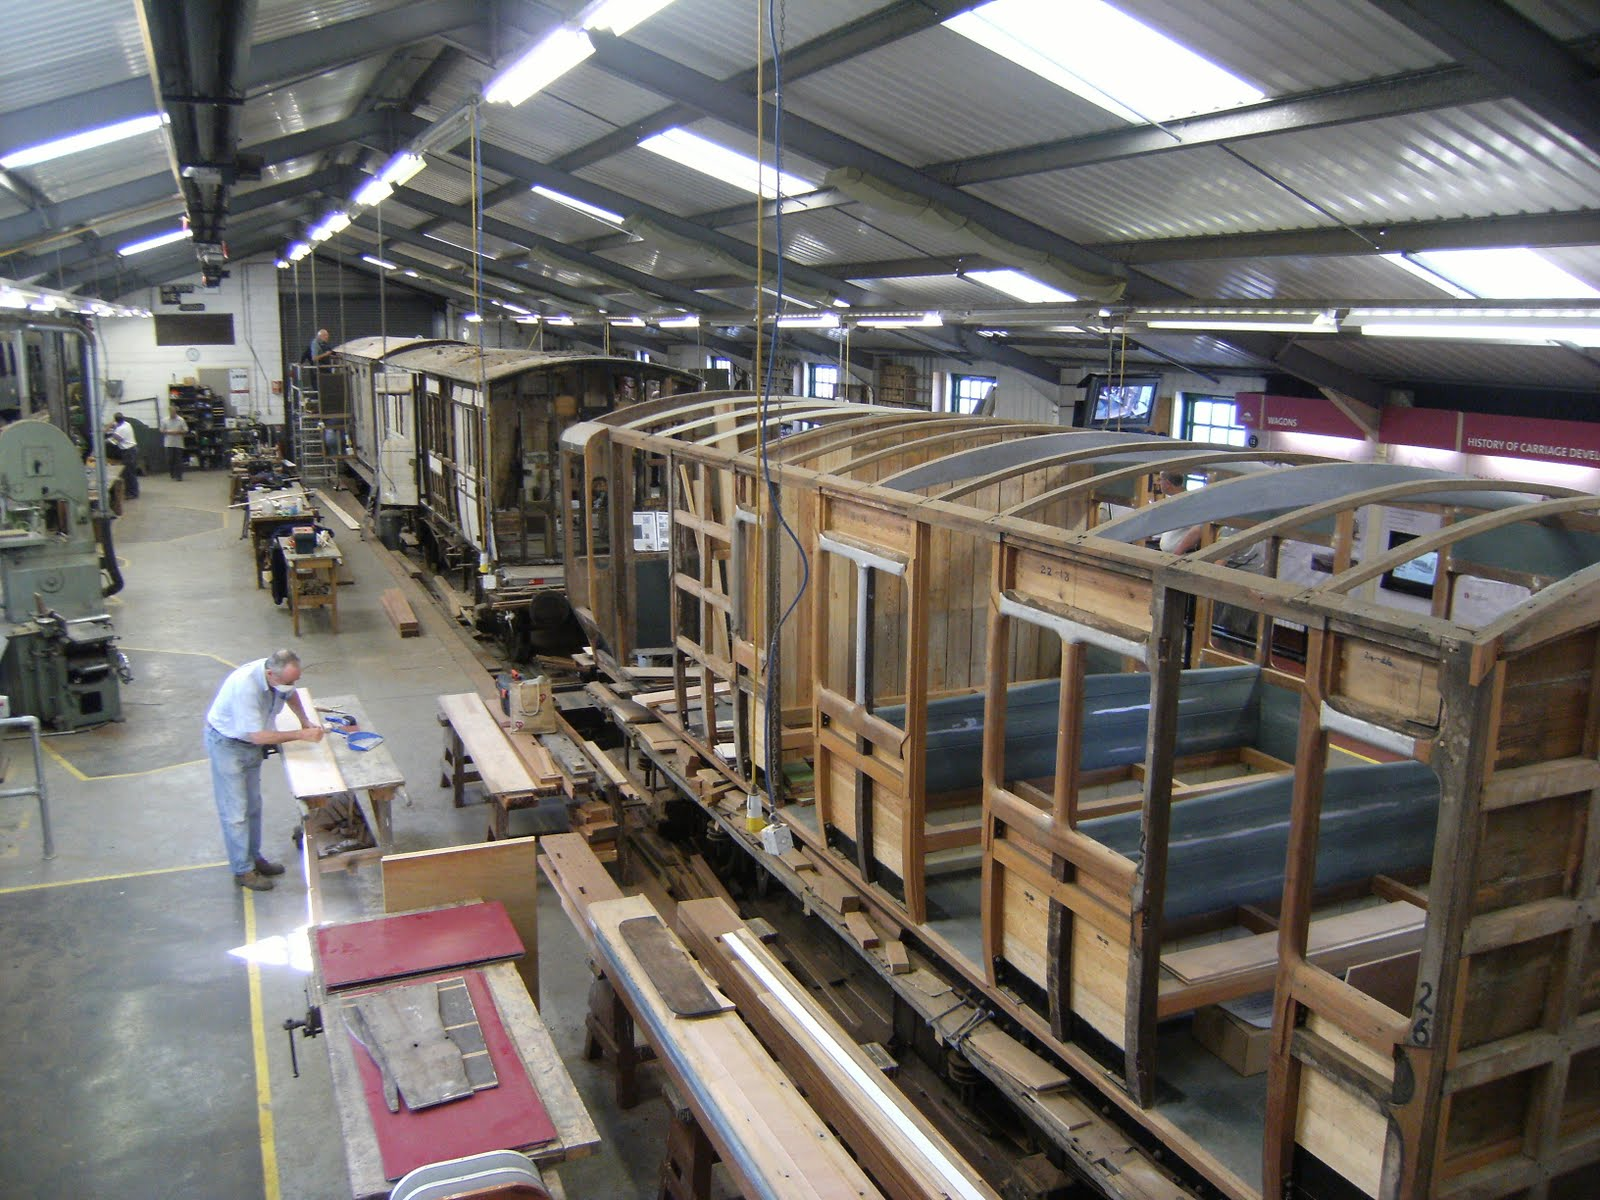 DSCF9734 Carriage workshop, Horsted Keynes station